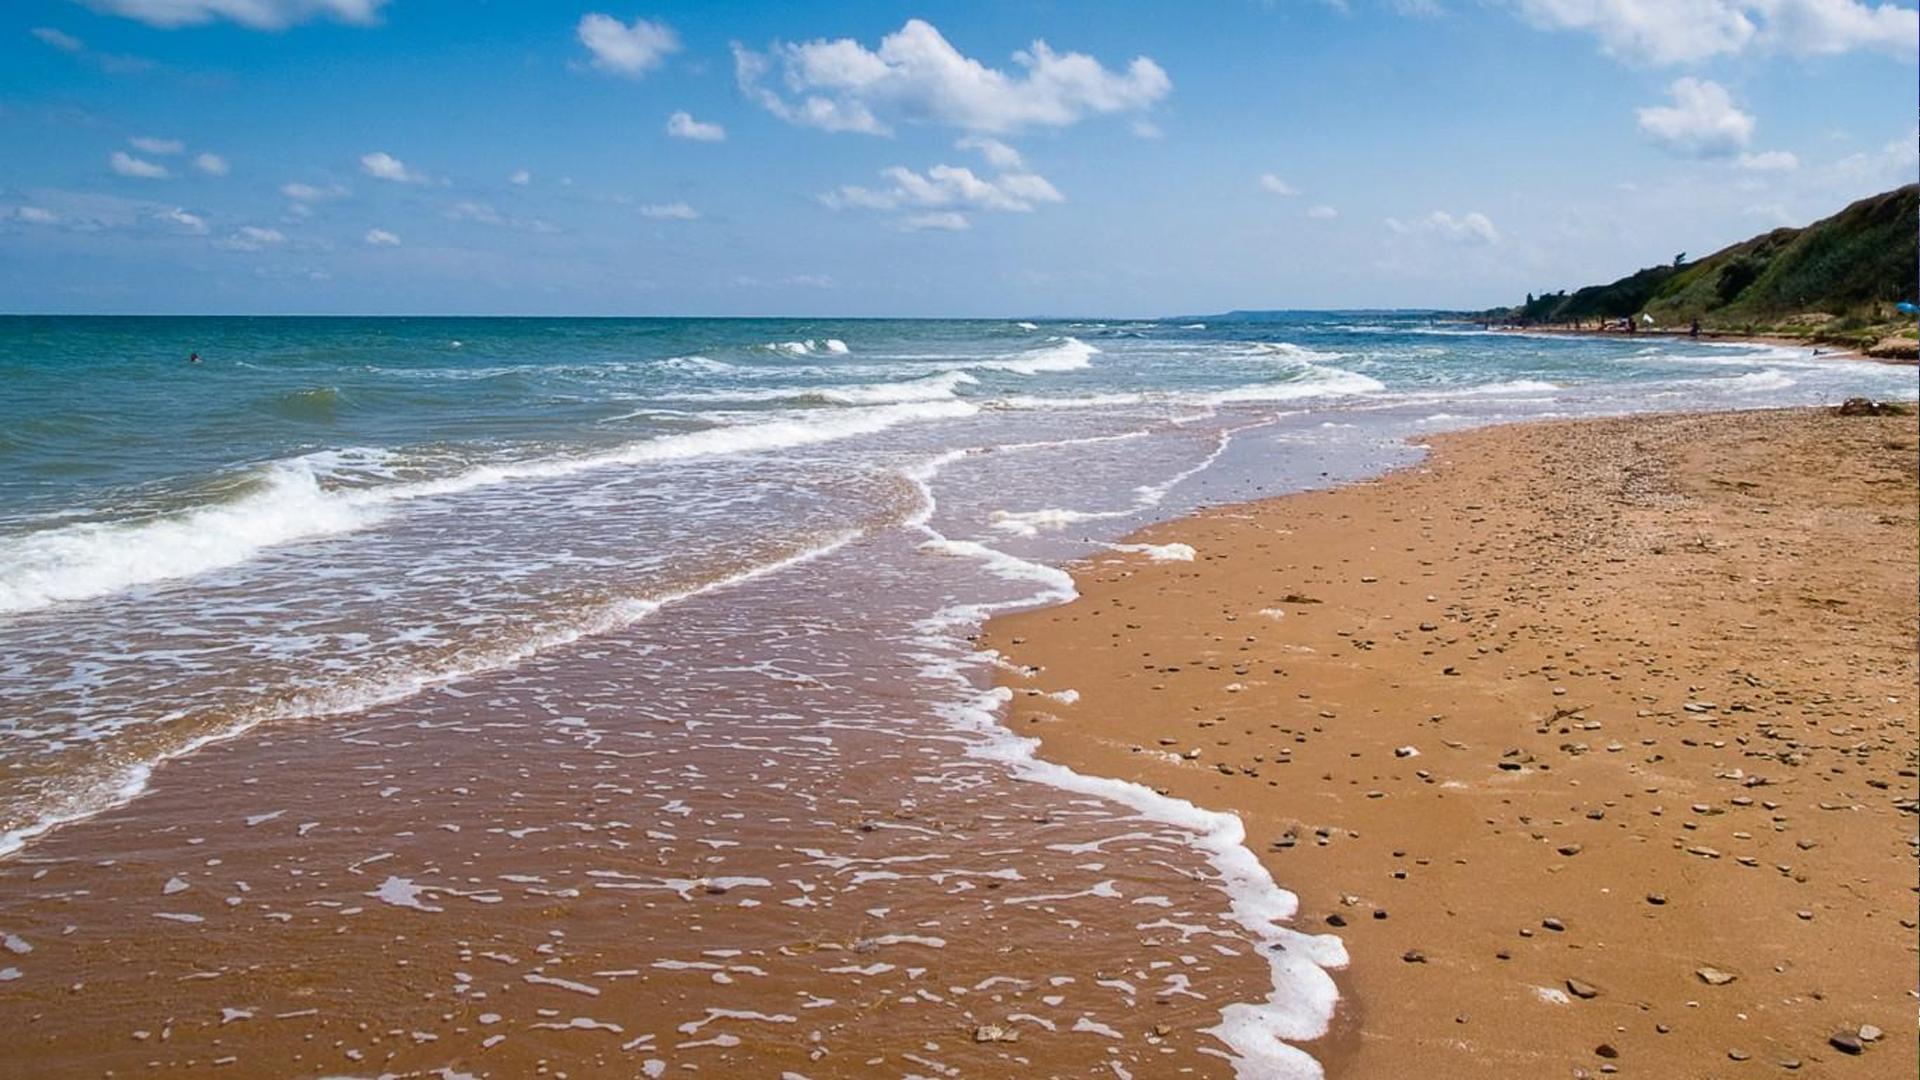 Азовское море лучшие пляжи фото